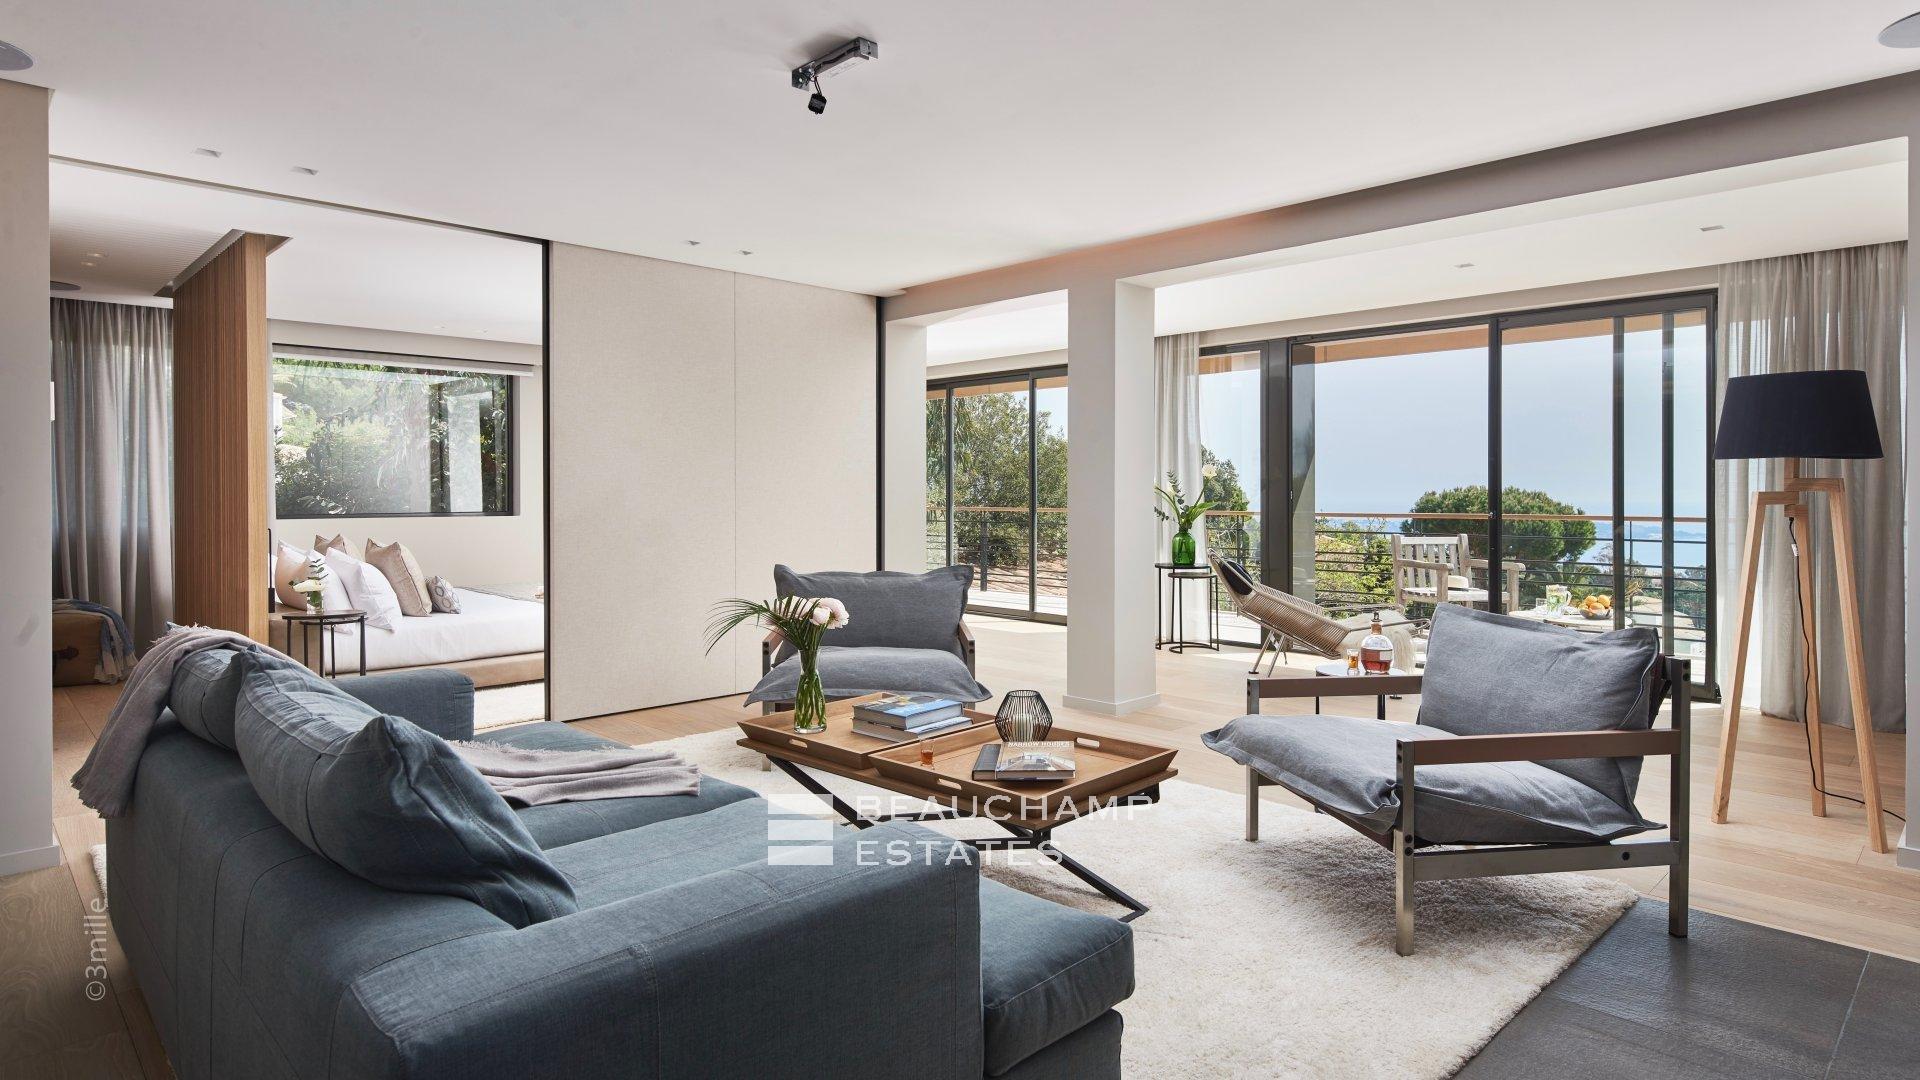 Magnifique domaine privé de 9 chambres avec vue imprenable sur la mer dans les collines du Super Cannes.